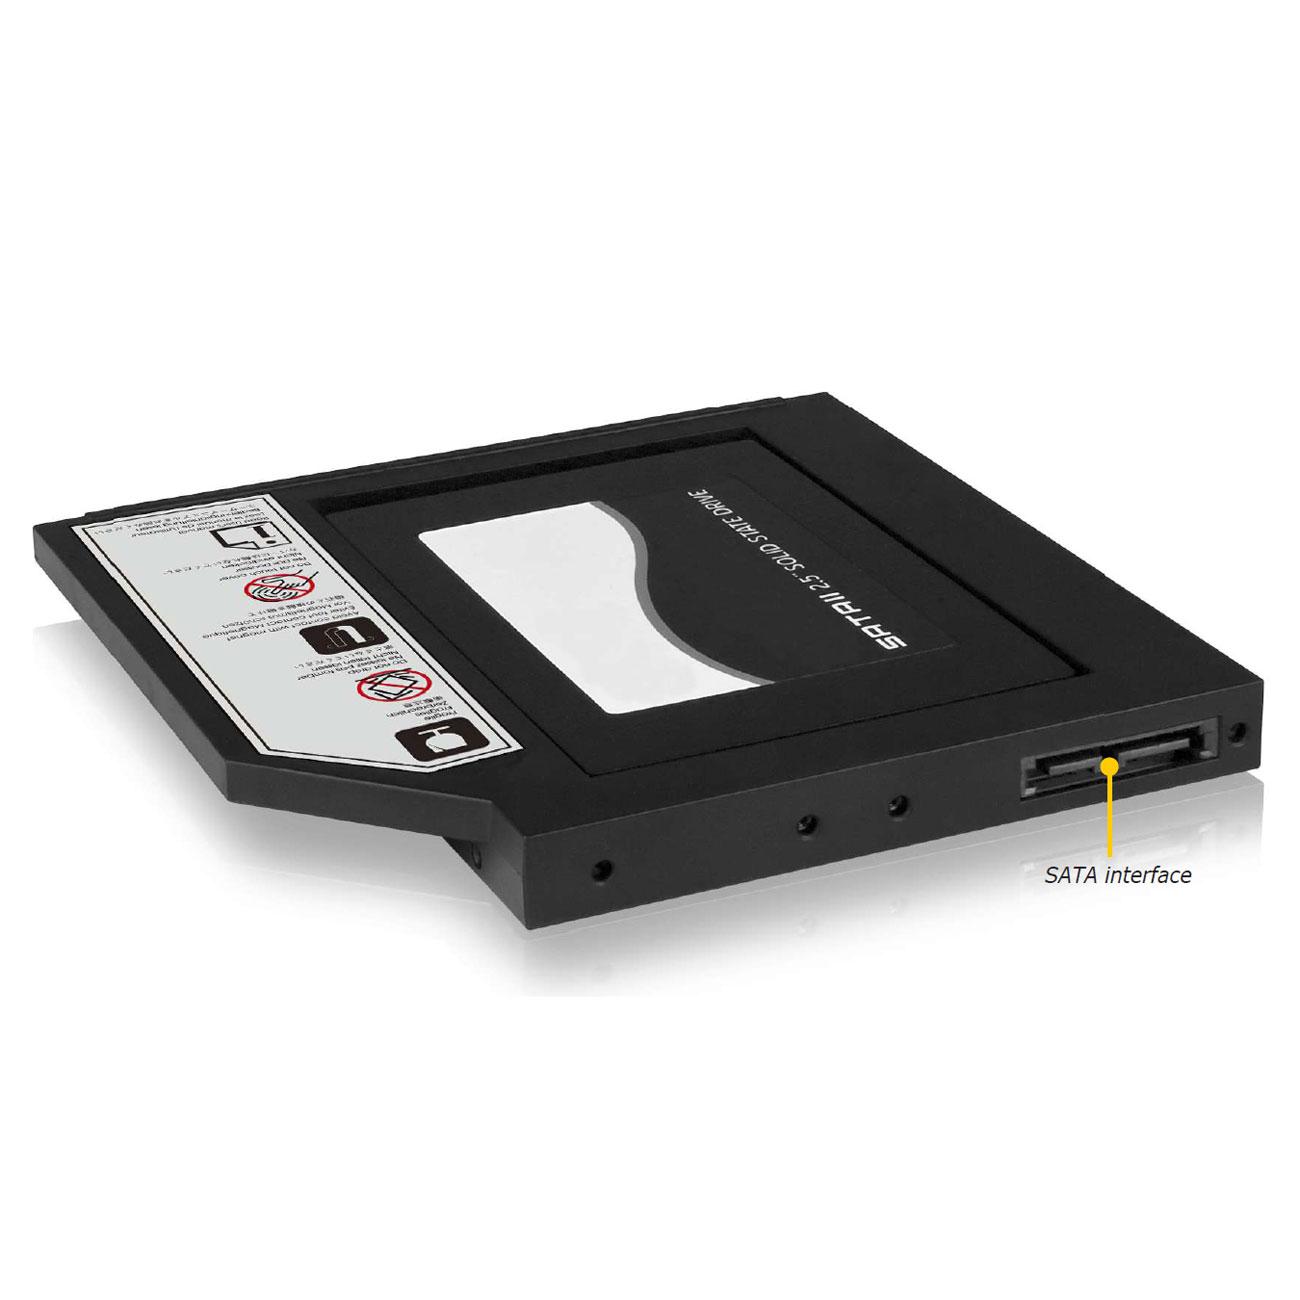 Adaptateur IB-AC642 pour disque HDD/SSD 2.5 pouces pour ordinateur portable + Boîtier externe pour graveur DVD Slim, informatique ile de la Réunion 974